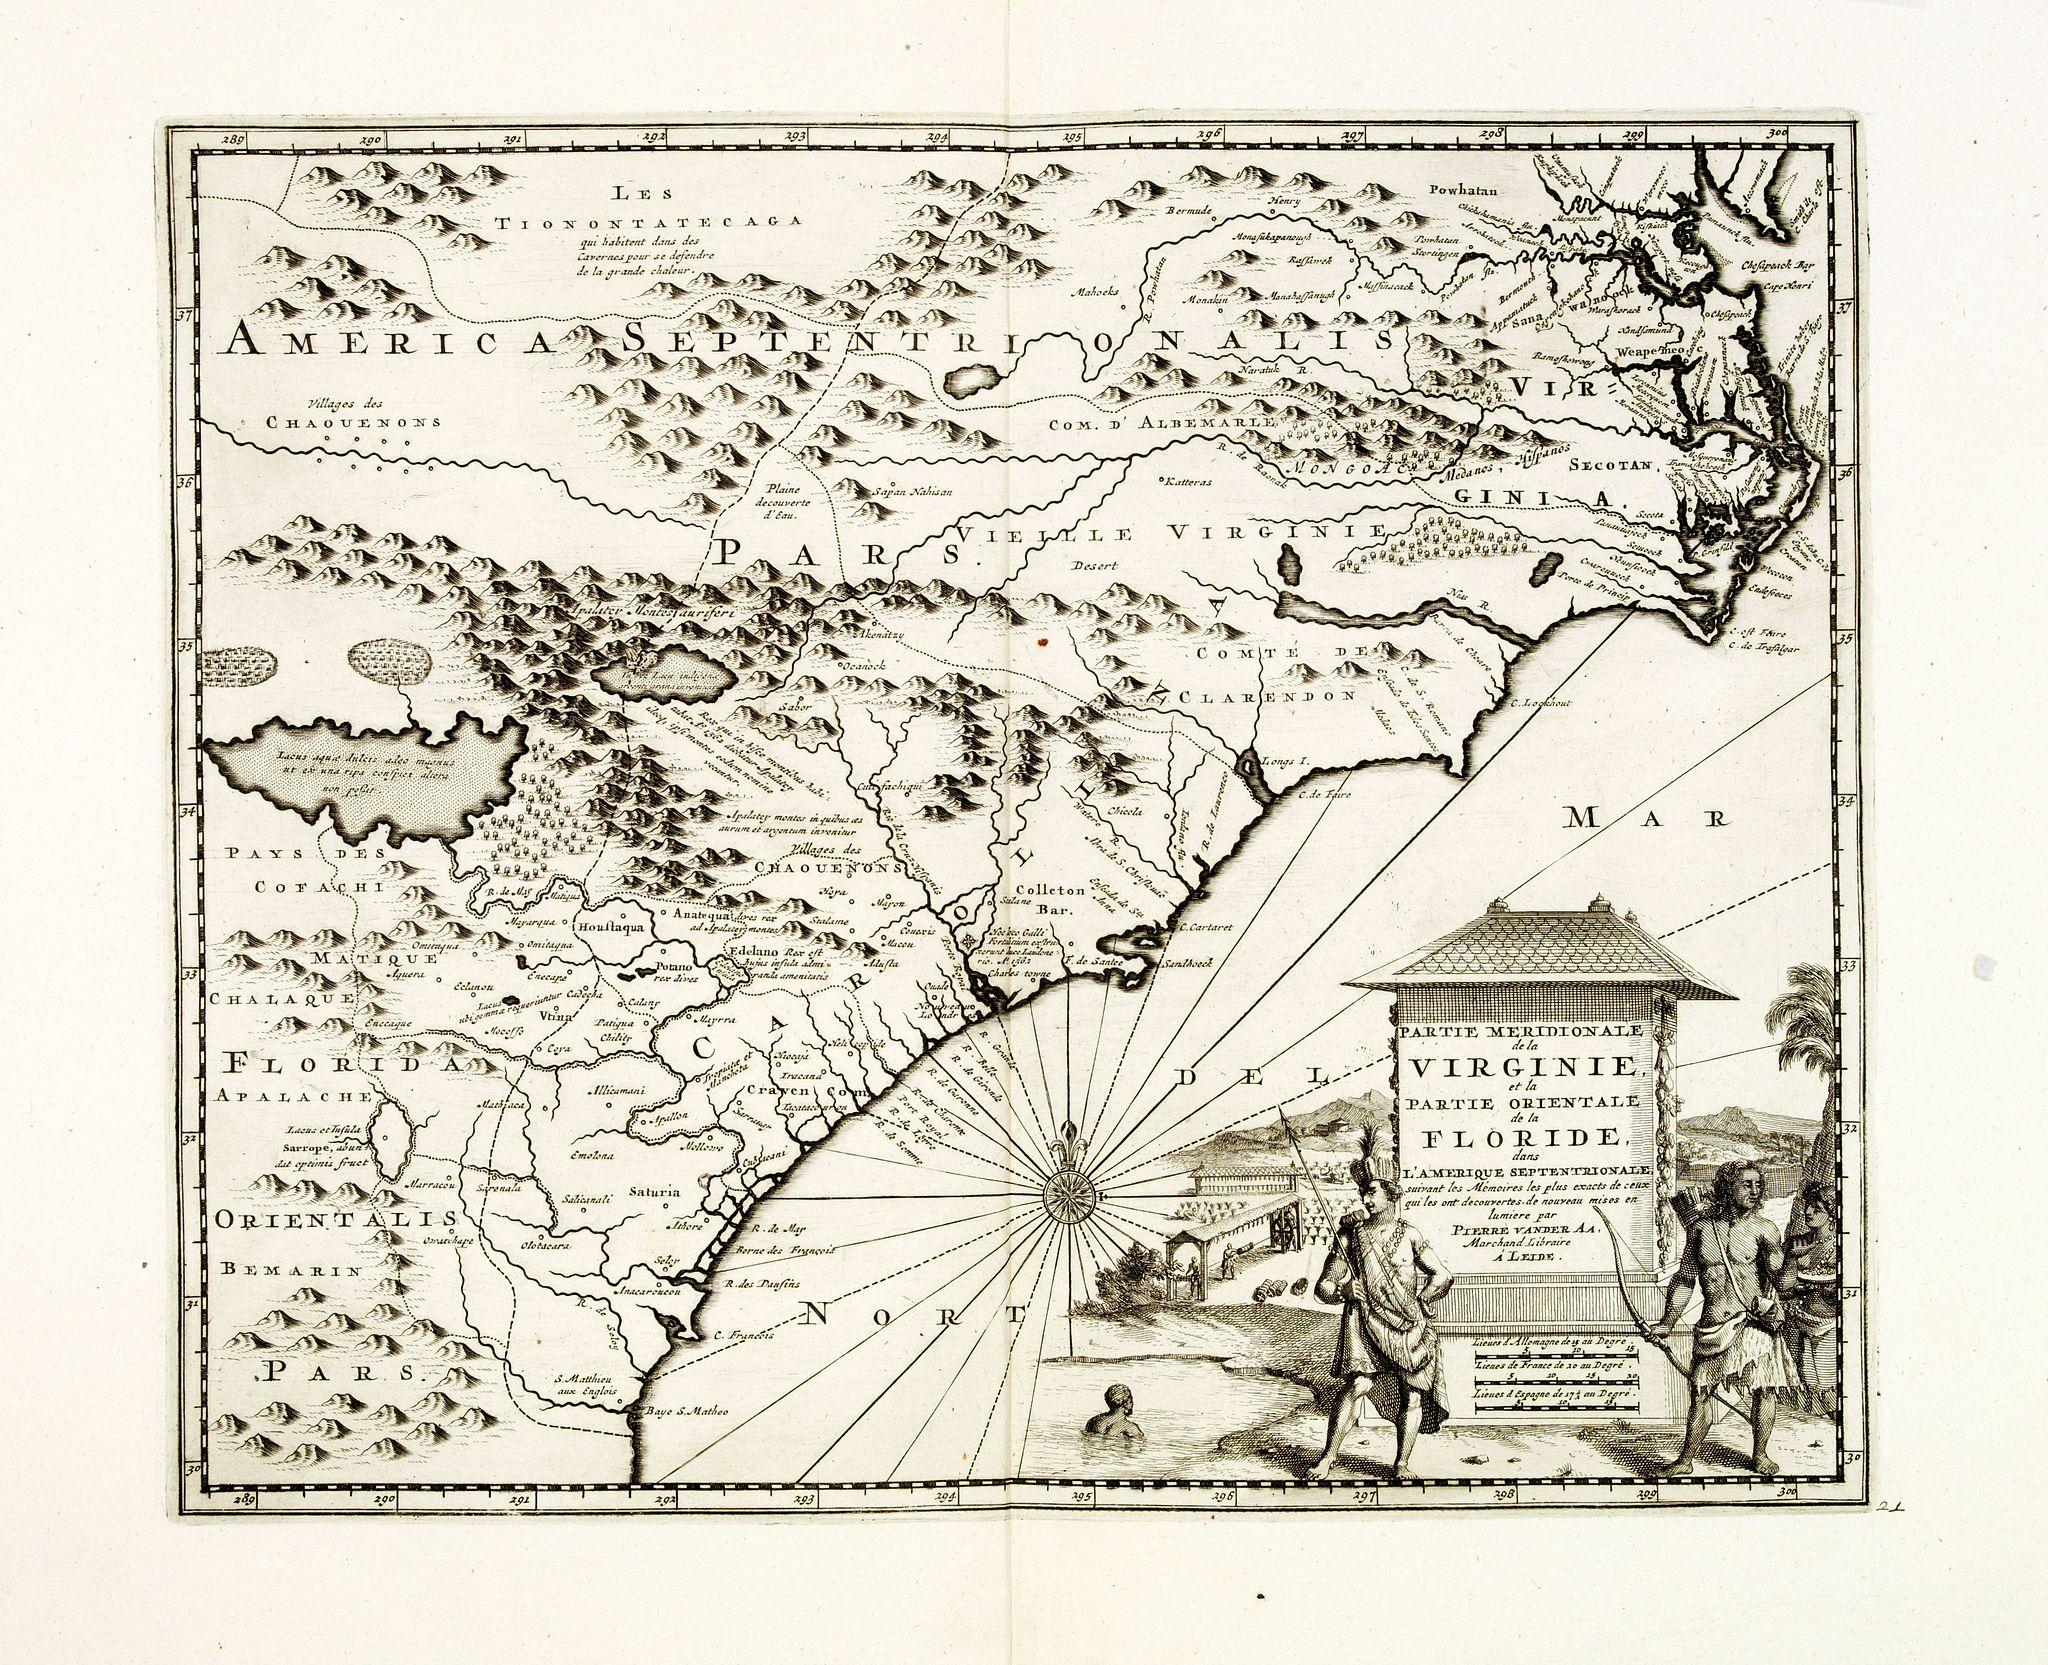 VAN DER AA, P. -  Partie Meridionale de la Virginie et la .. Floride dans L'Amerique septentrionale ..